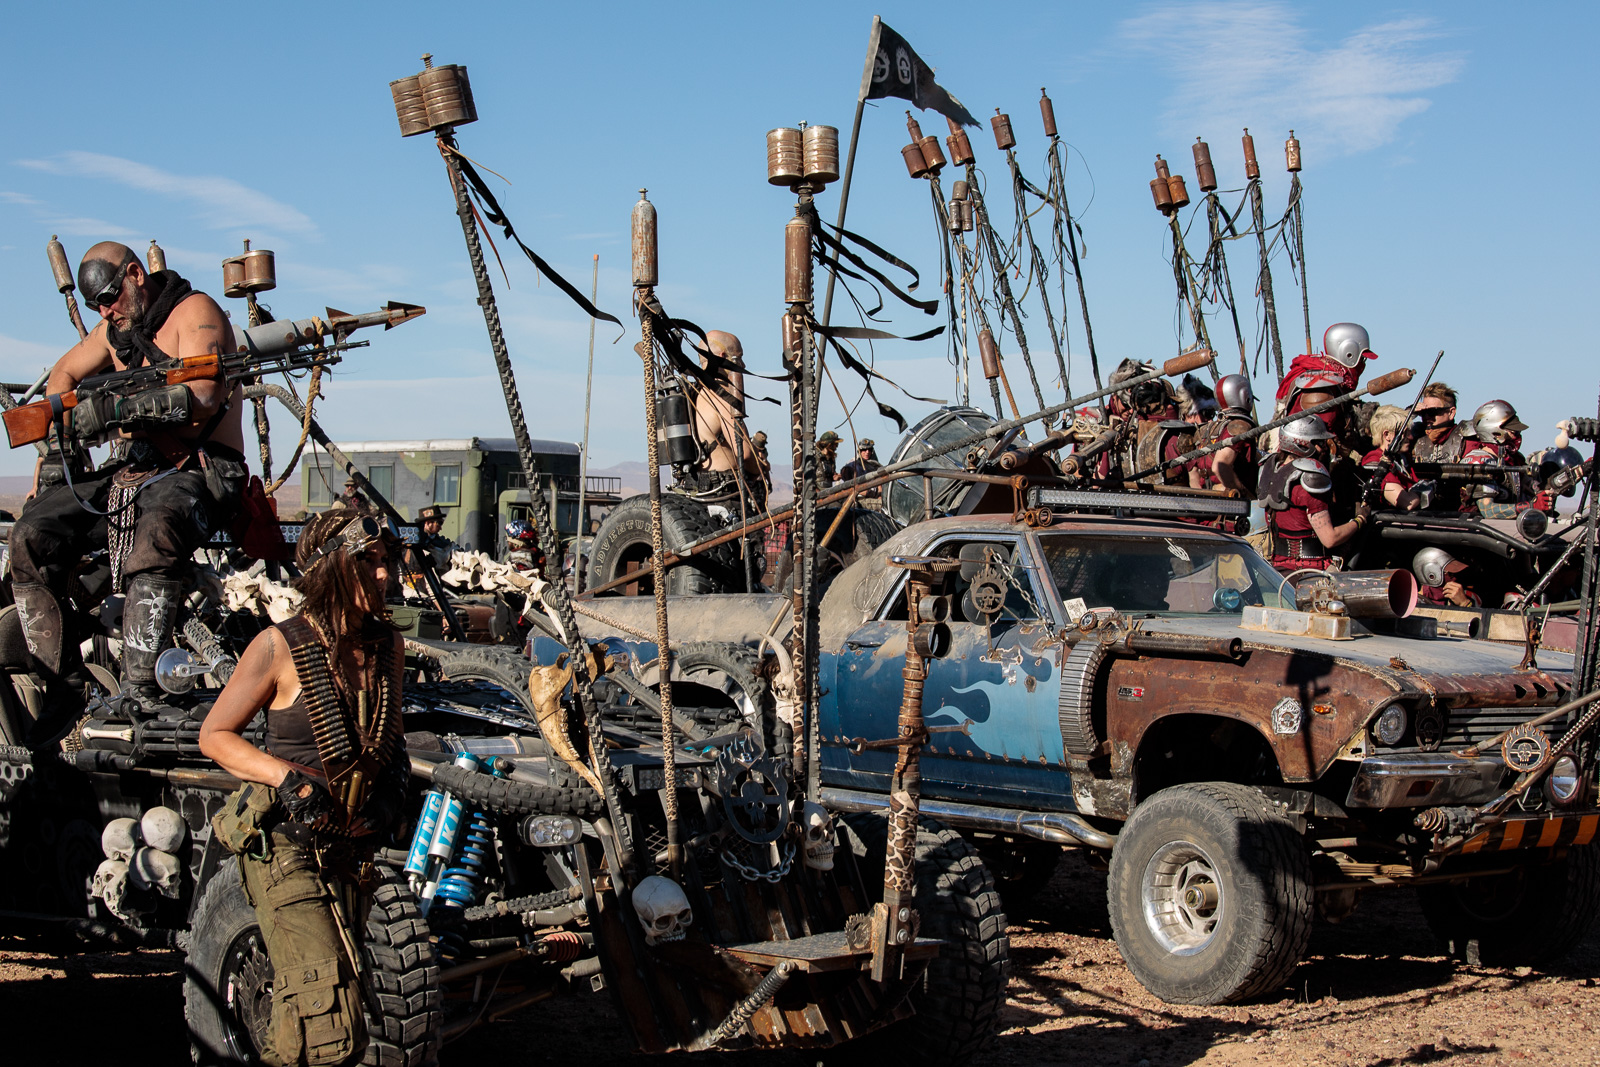 WastelandWeekendCars-TodSeelie-13.jpg